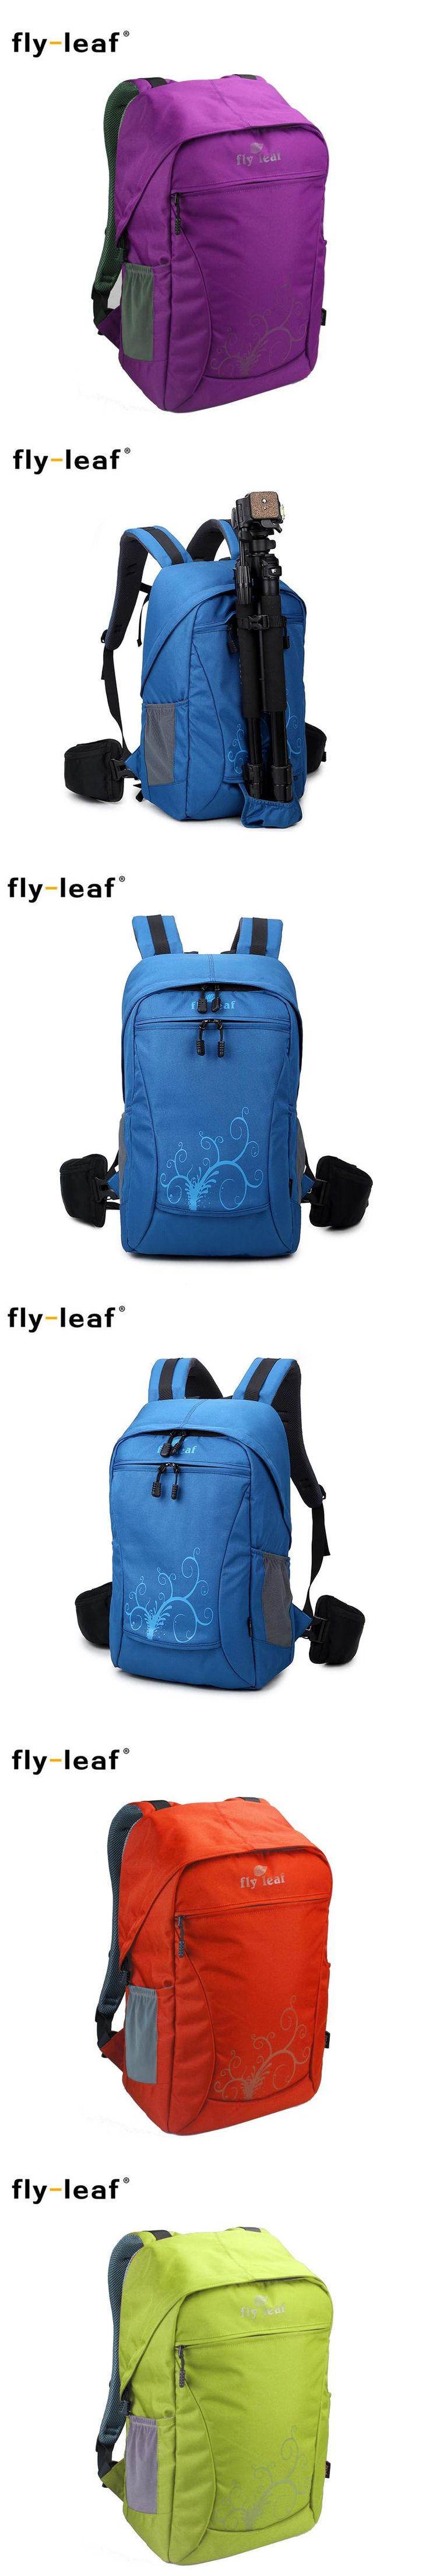 Camera Bag FL9138 Men Women Backpack For Camera Digital Shoulders Large Capacity Backpack for Canon Nikon SLR Camera Bag